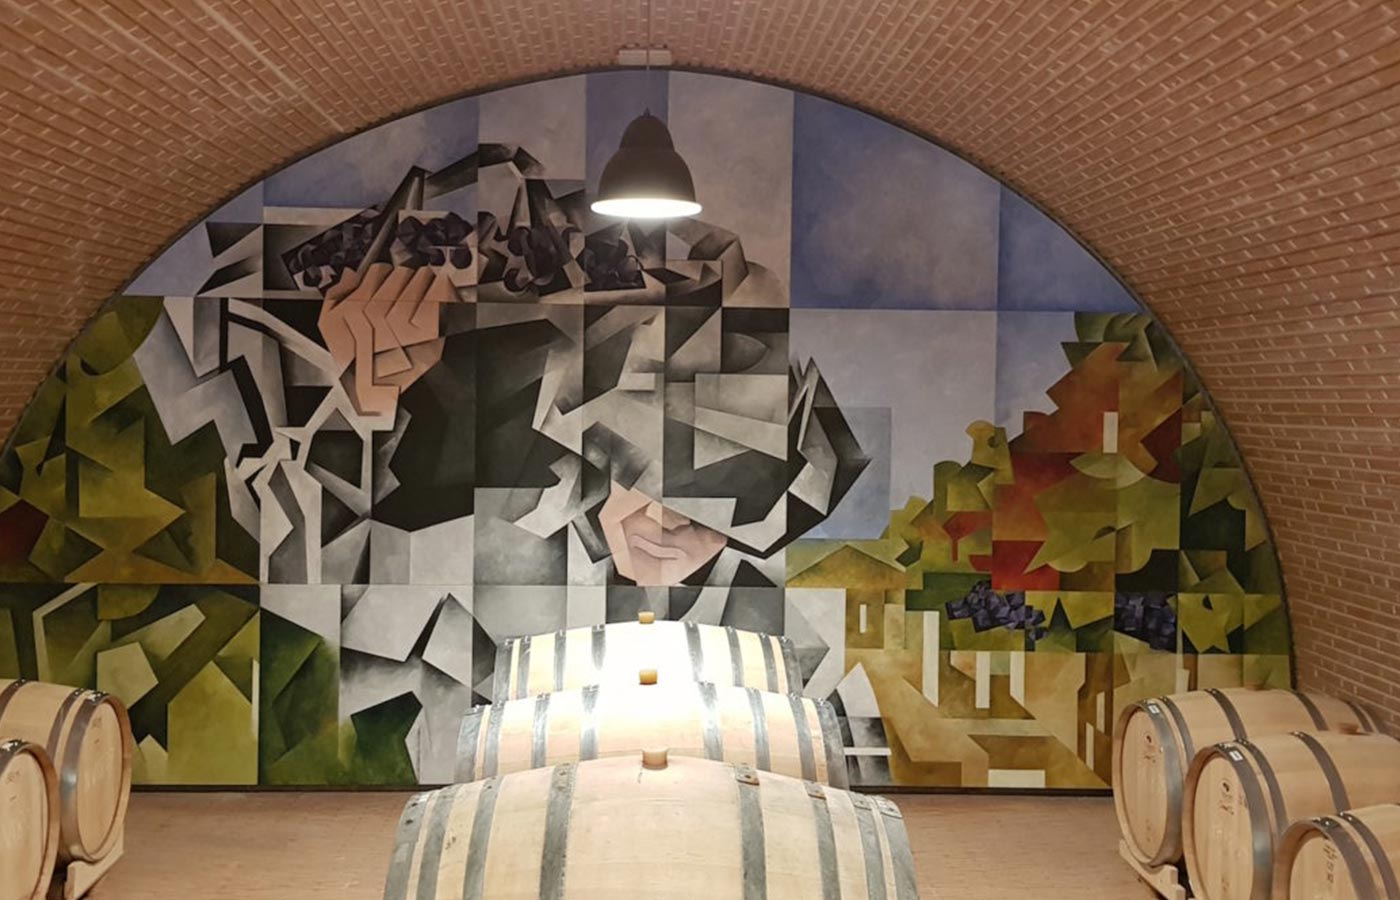 mural julio sendino en valdemonjas critica realizada por guillermo rivera